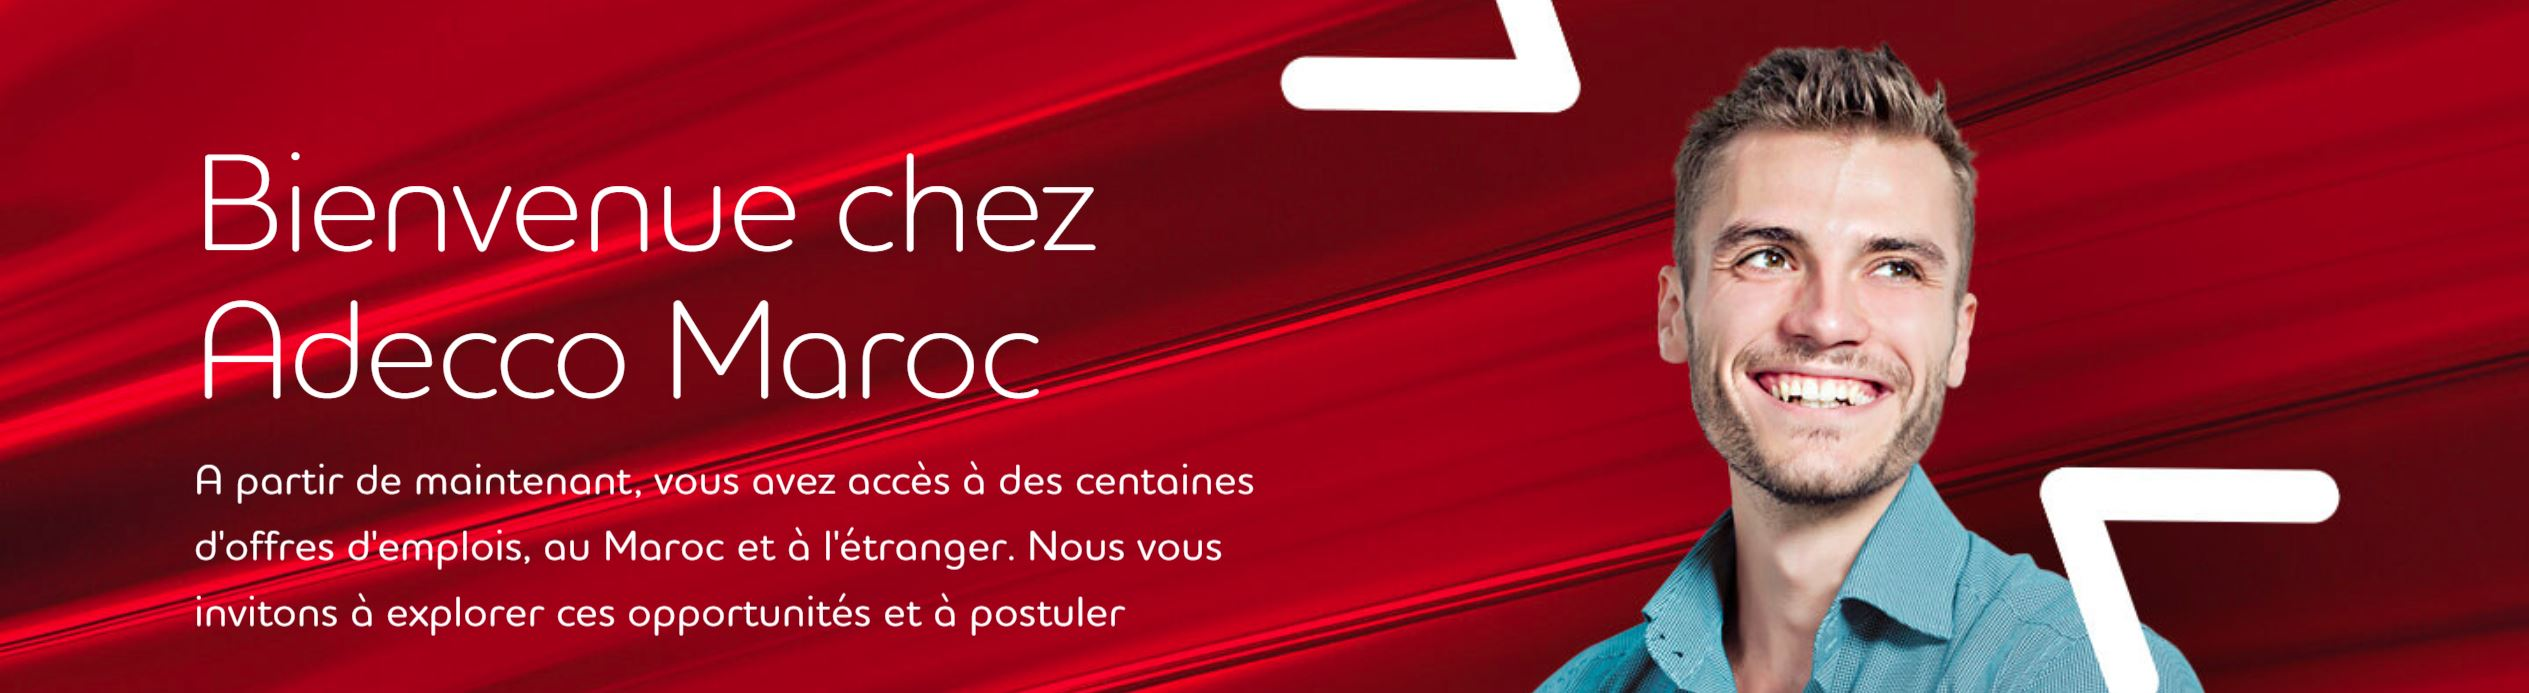 Adecco Maroc Cover Image